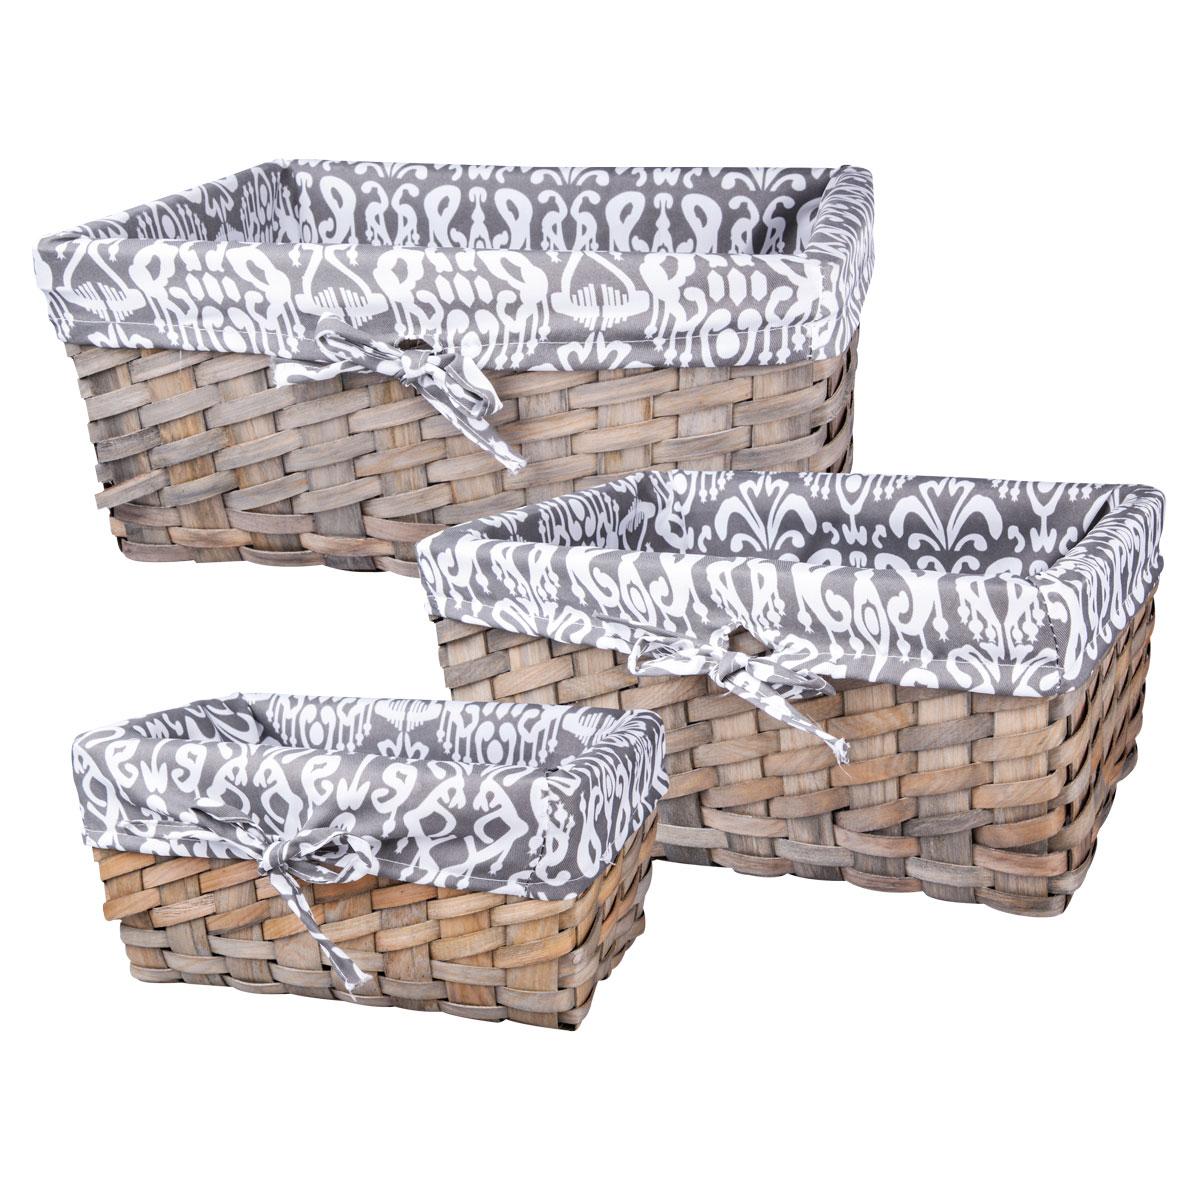 """Набор """"Miolla"""" состоит из трех прямоугольных плетеных корзинок разного размера. Изделия выполнены из плетеной древесины и обтянуты  тканью с оригинальным принтом. Такие корзинки прекрасно подойдут для хранения хлеба и других хлебобулочных изделий, печенья, а также  бытовых принадлежностей и различных мелочей. Стильный дизайн корзинок сделает их украшением интерьера помещения. Подойдут для кухни,  спальни, прихожей, ванной.  Размер малой корзины: 28 см х 16 см х 13 см.  Размер средней корзины: 33 см х 22 см х 15 см.  Размер большой корзины: 38 см х 26 см х 17 см."""